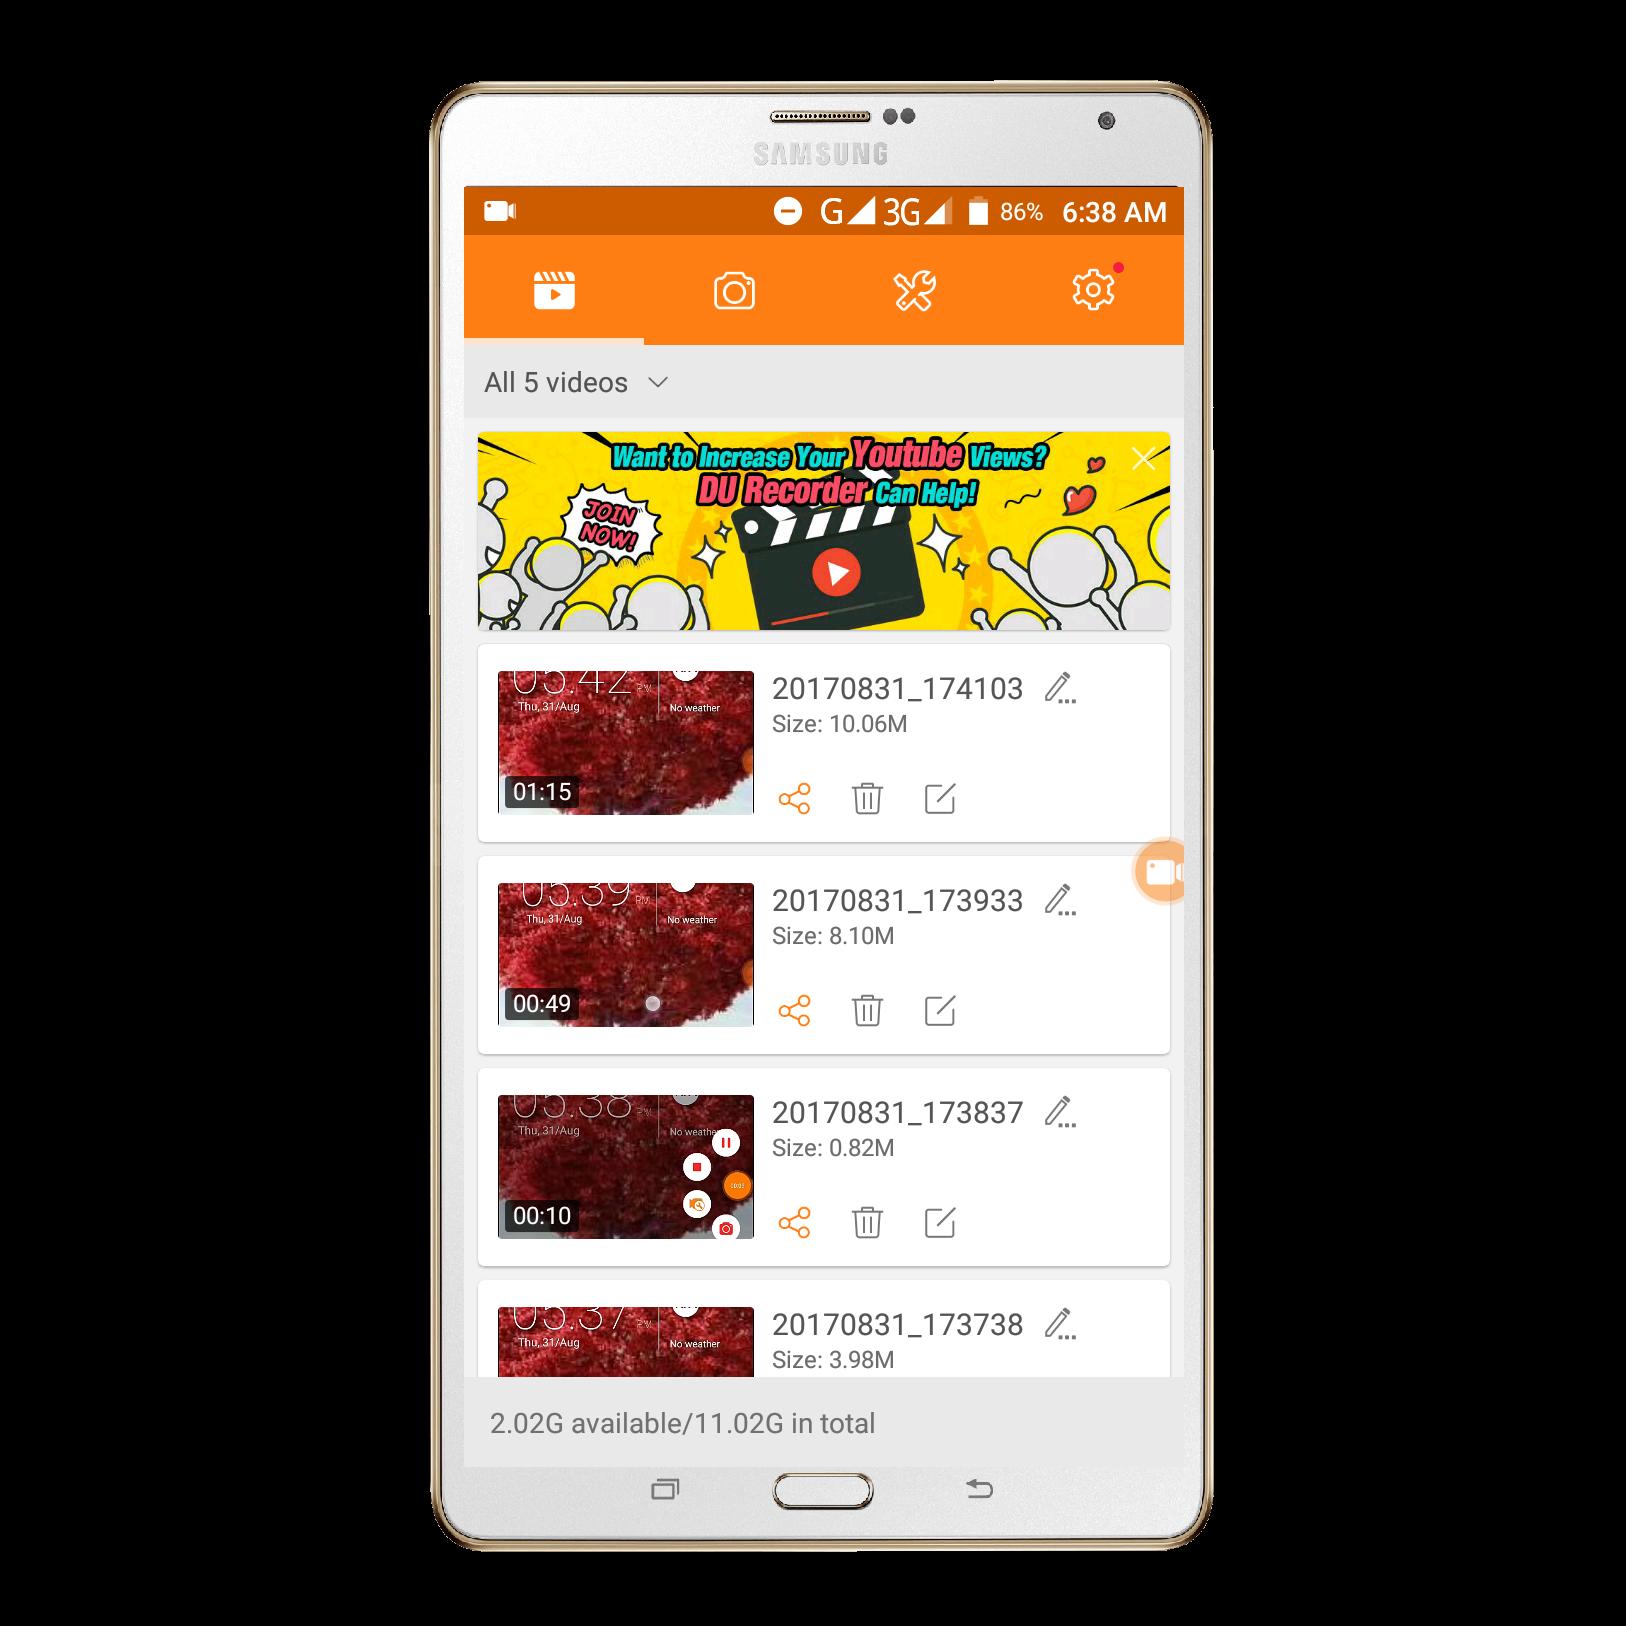 নিয়ে নিন Android সেরা Screen Recorder and video Editor।Root and unRoot যে কোন ফোনে Support করে।।কেউ মিস কইরেন না